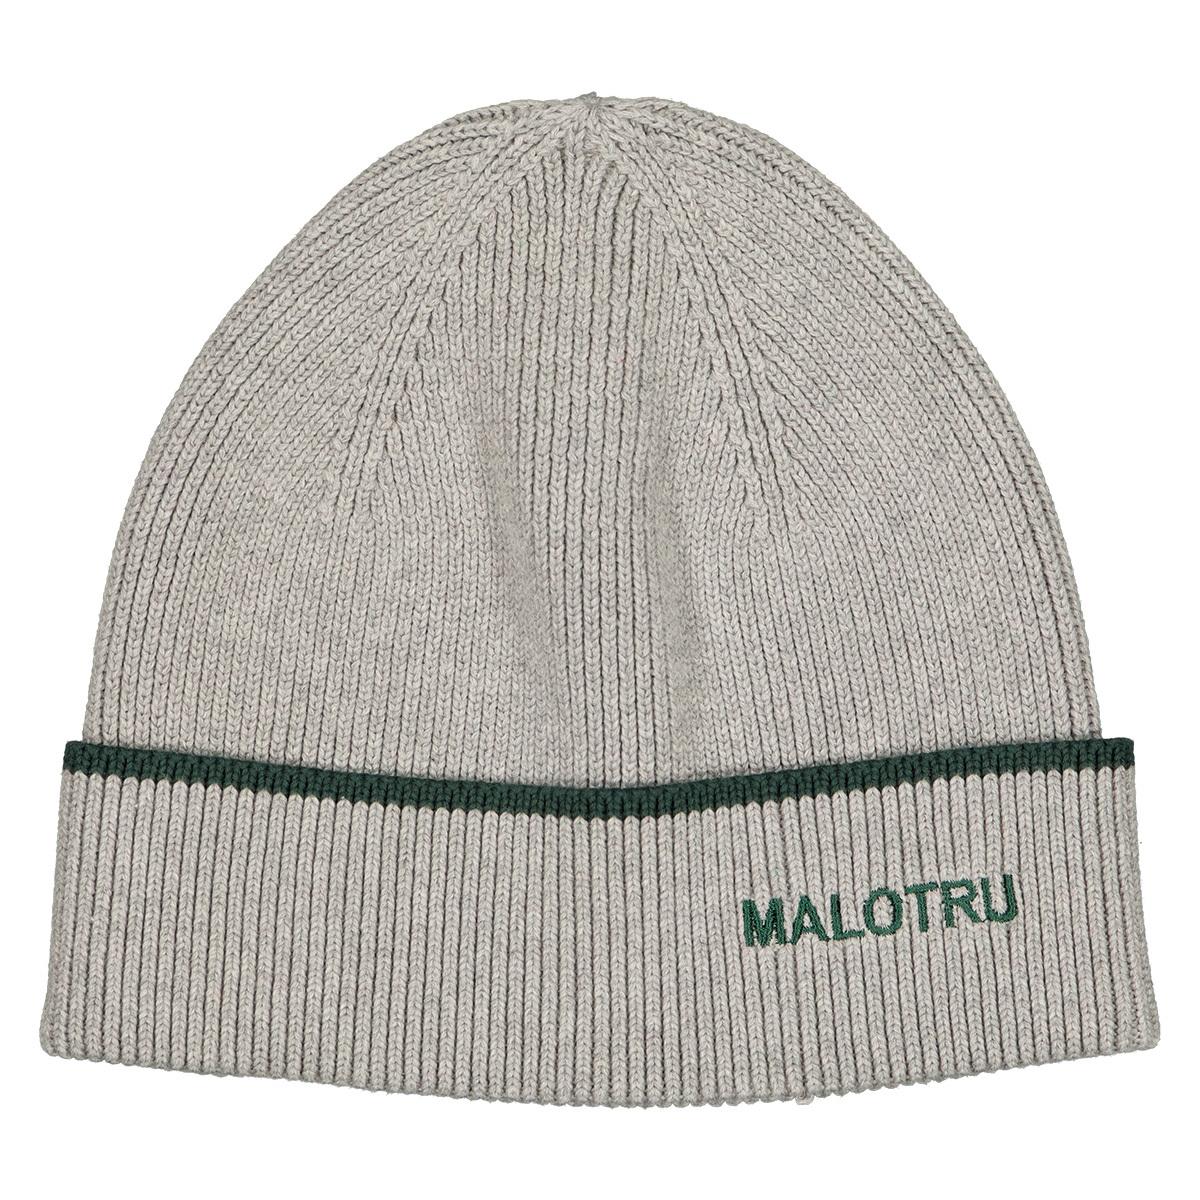 Accessoires bébé Bonnet Malotru - Adulte Bonnet Malotru - Adulte